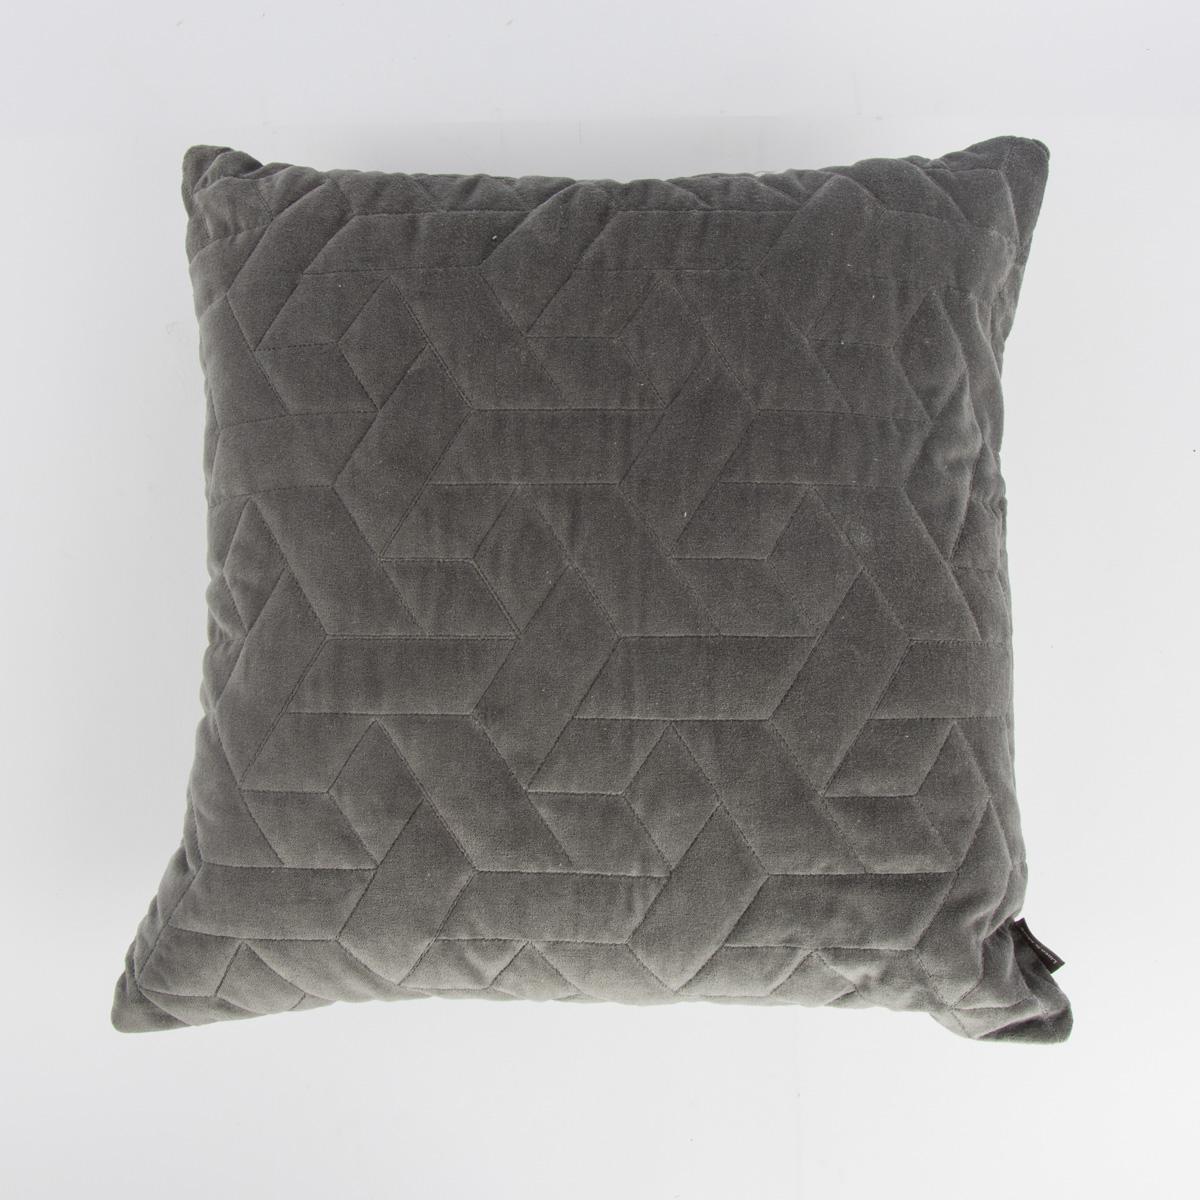 velourskissen samtkissen cube rechtecke grau 45x45cm wohntextilien kissen pl schkissen. Black Bedroom Furniture Sets. Home Design Ideas